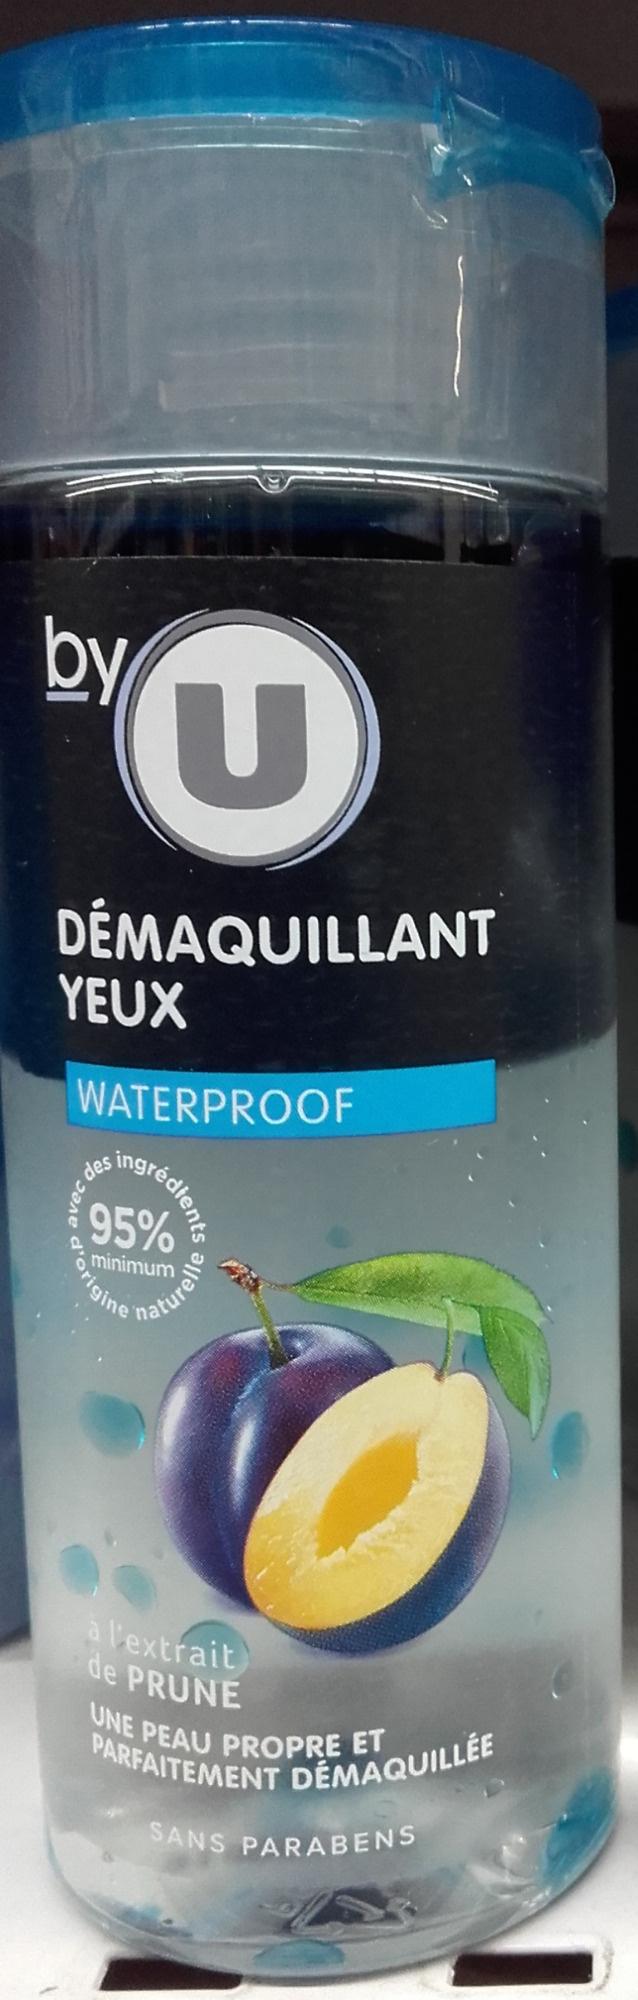 Démaquillant yeux waterproof à l'extrait de prune - Produit